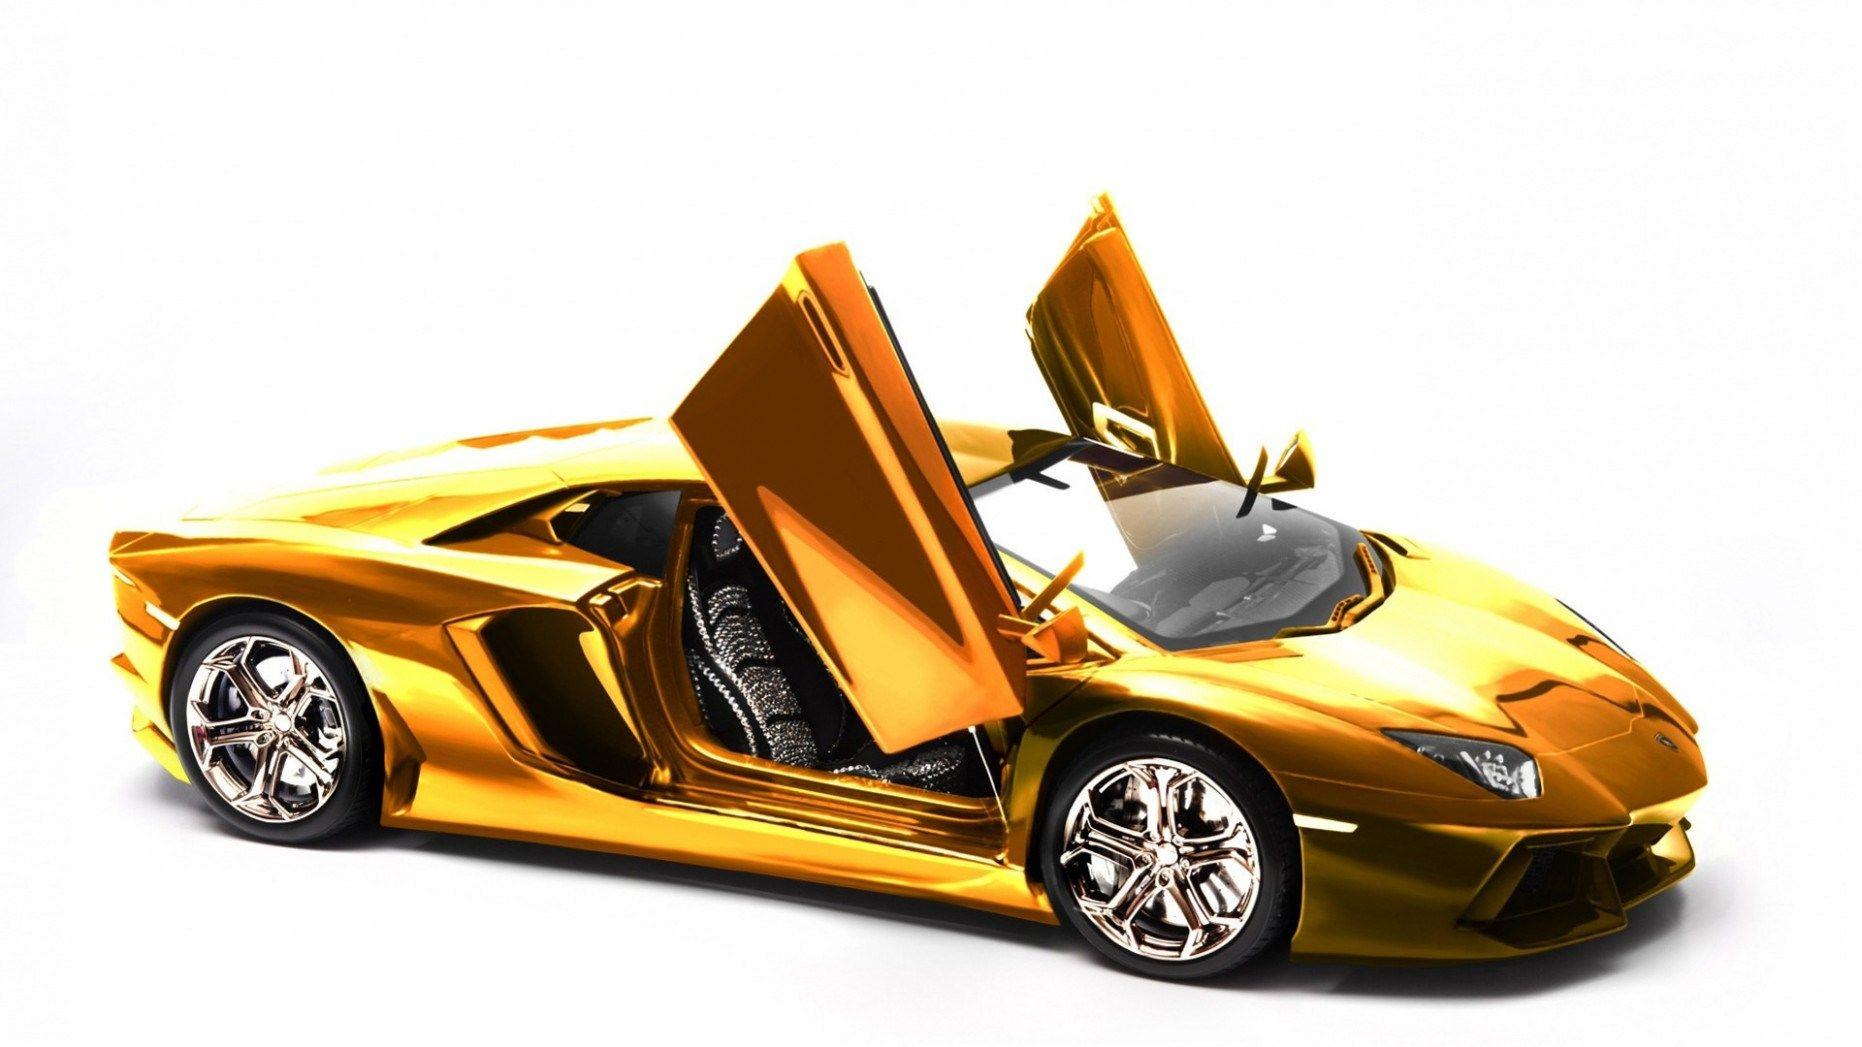 5xx Error Car photos hd, Cool cars, Cool car pictures